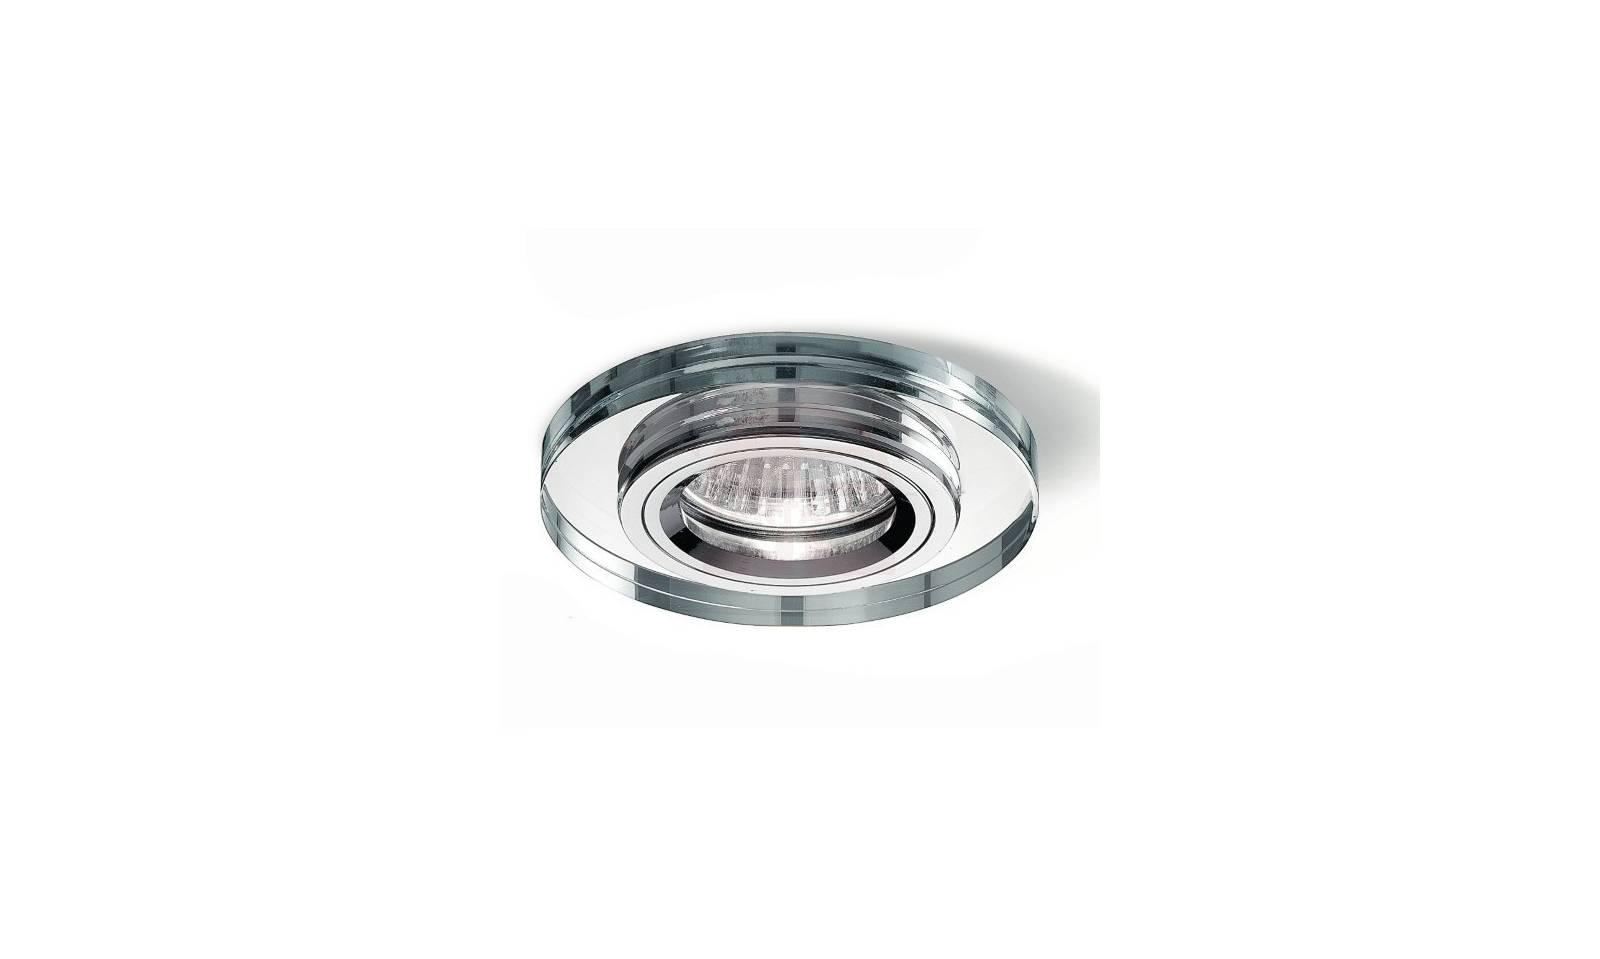 Faretto da incasso led in metallo cromo lucido e vetro - Faretti incasso ikea ...